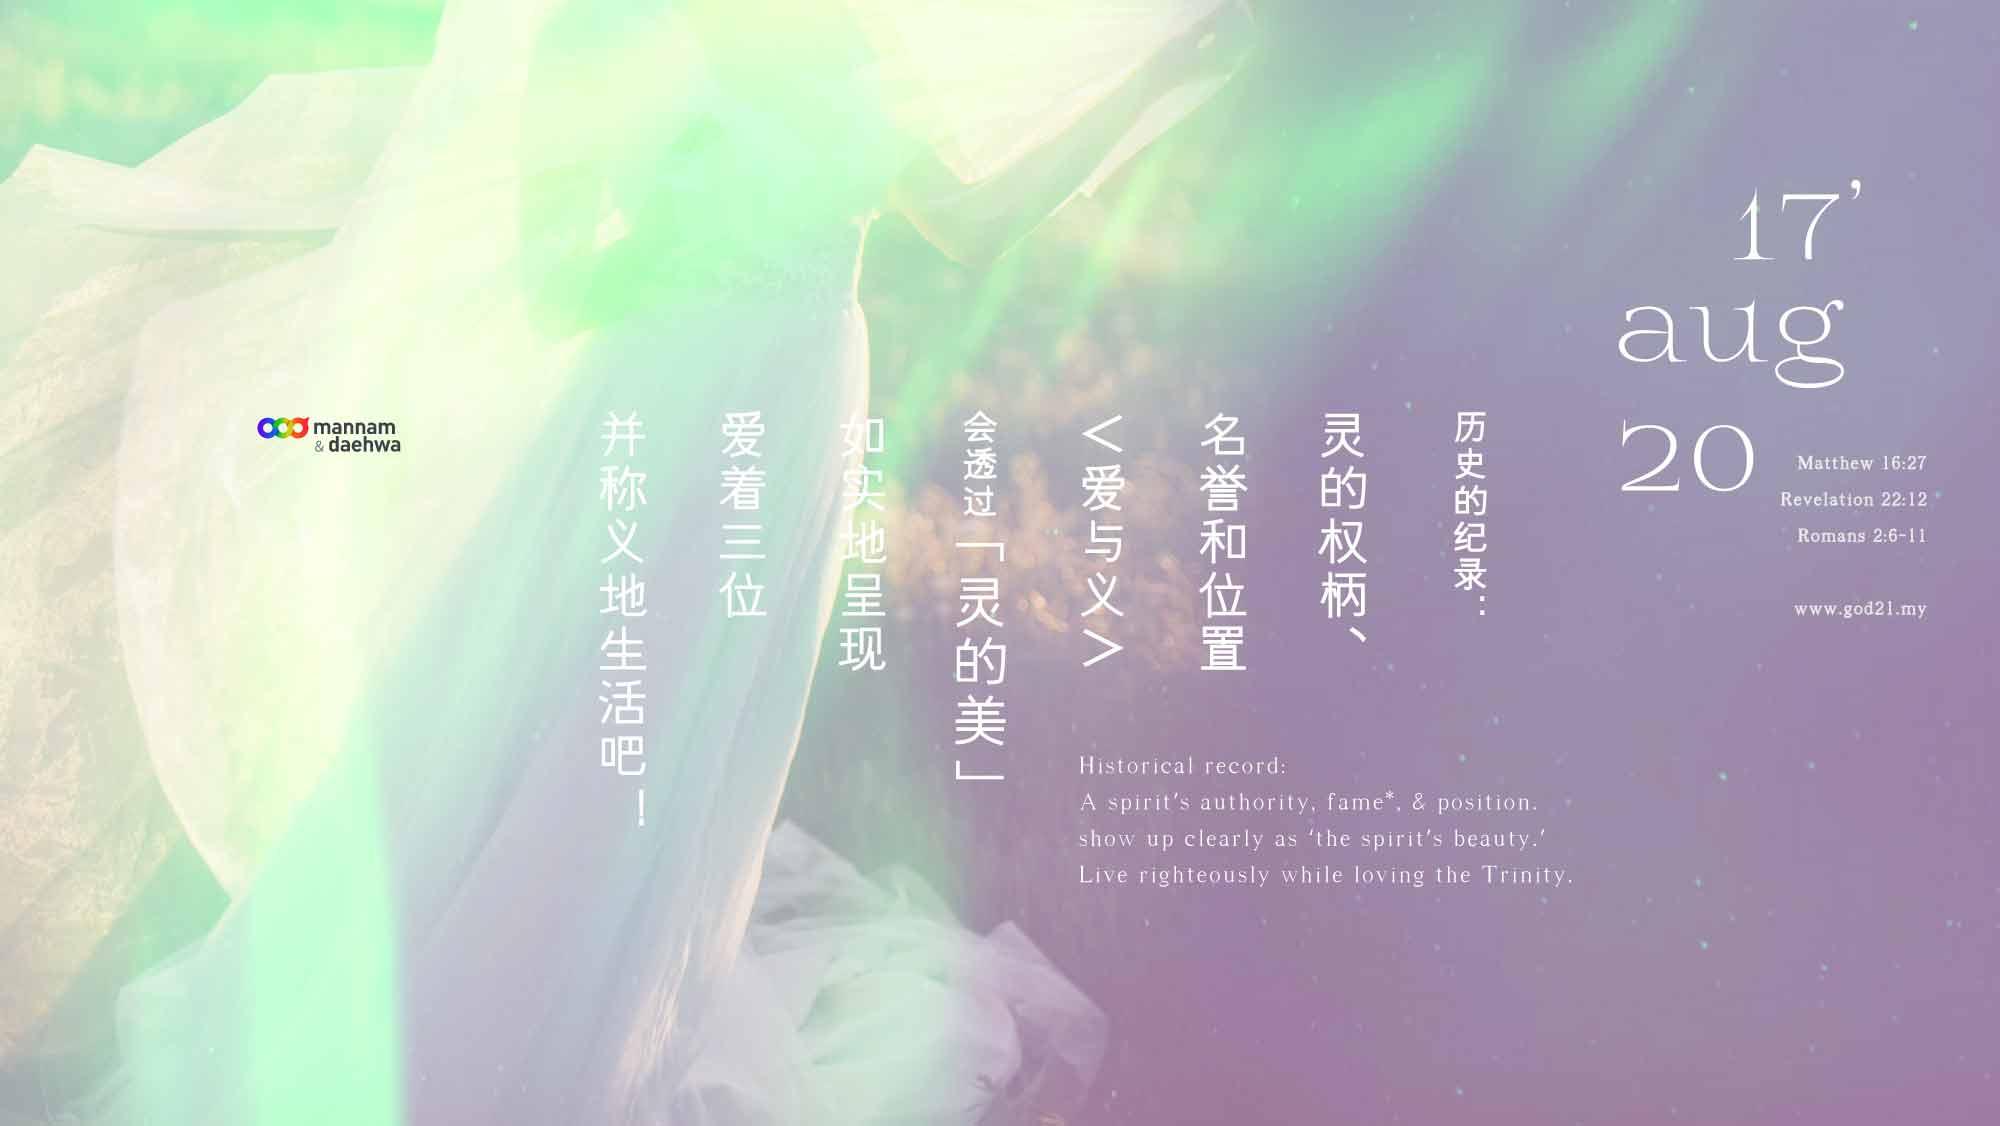 历史的纪录:灵的权柄、名誉和位置  <爱与义>会透过「灵的美」如实地呈现 爱着三位并称义地生活吧!